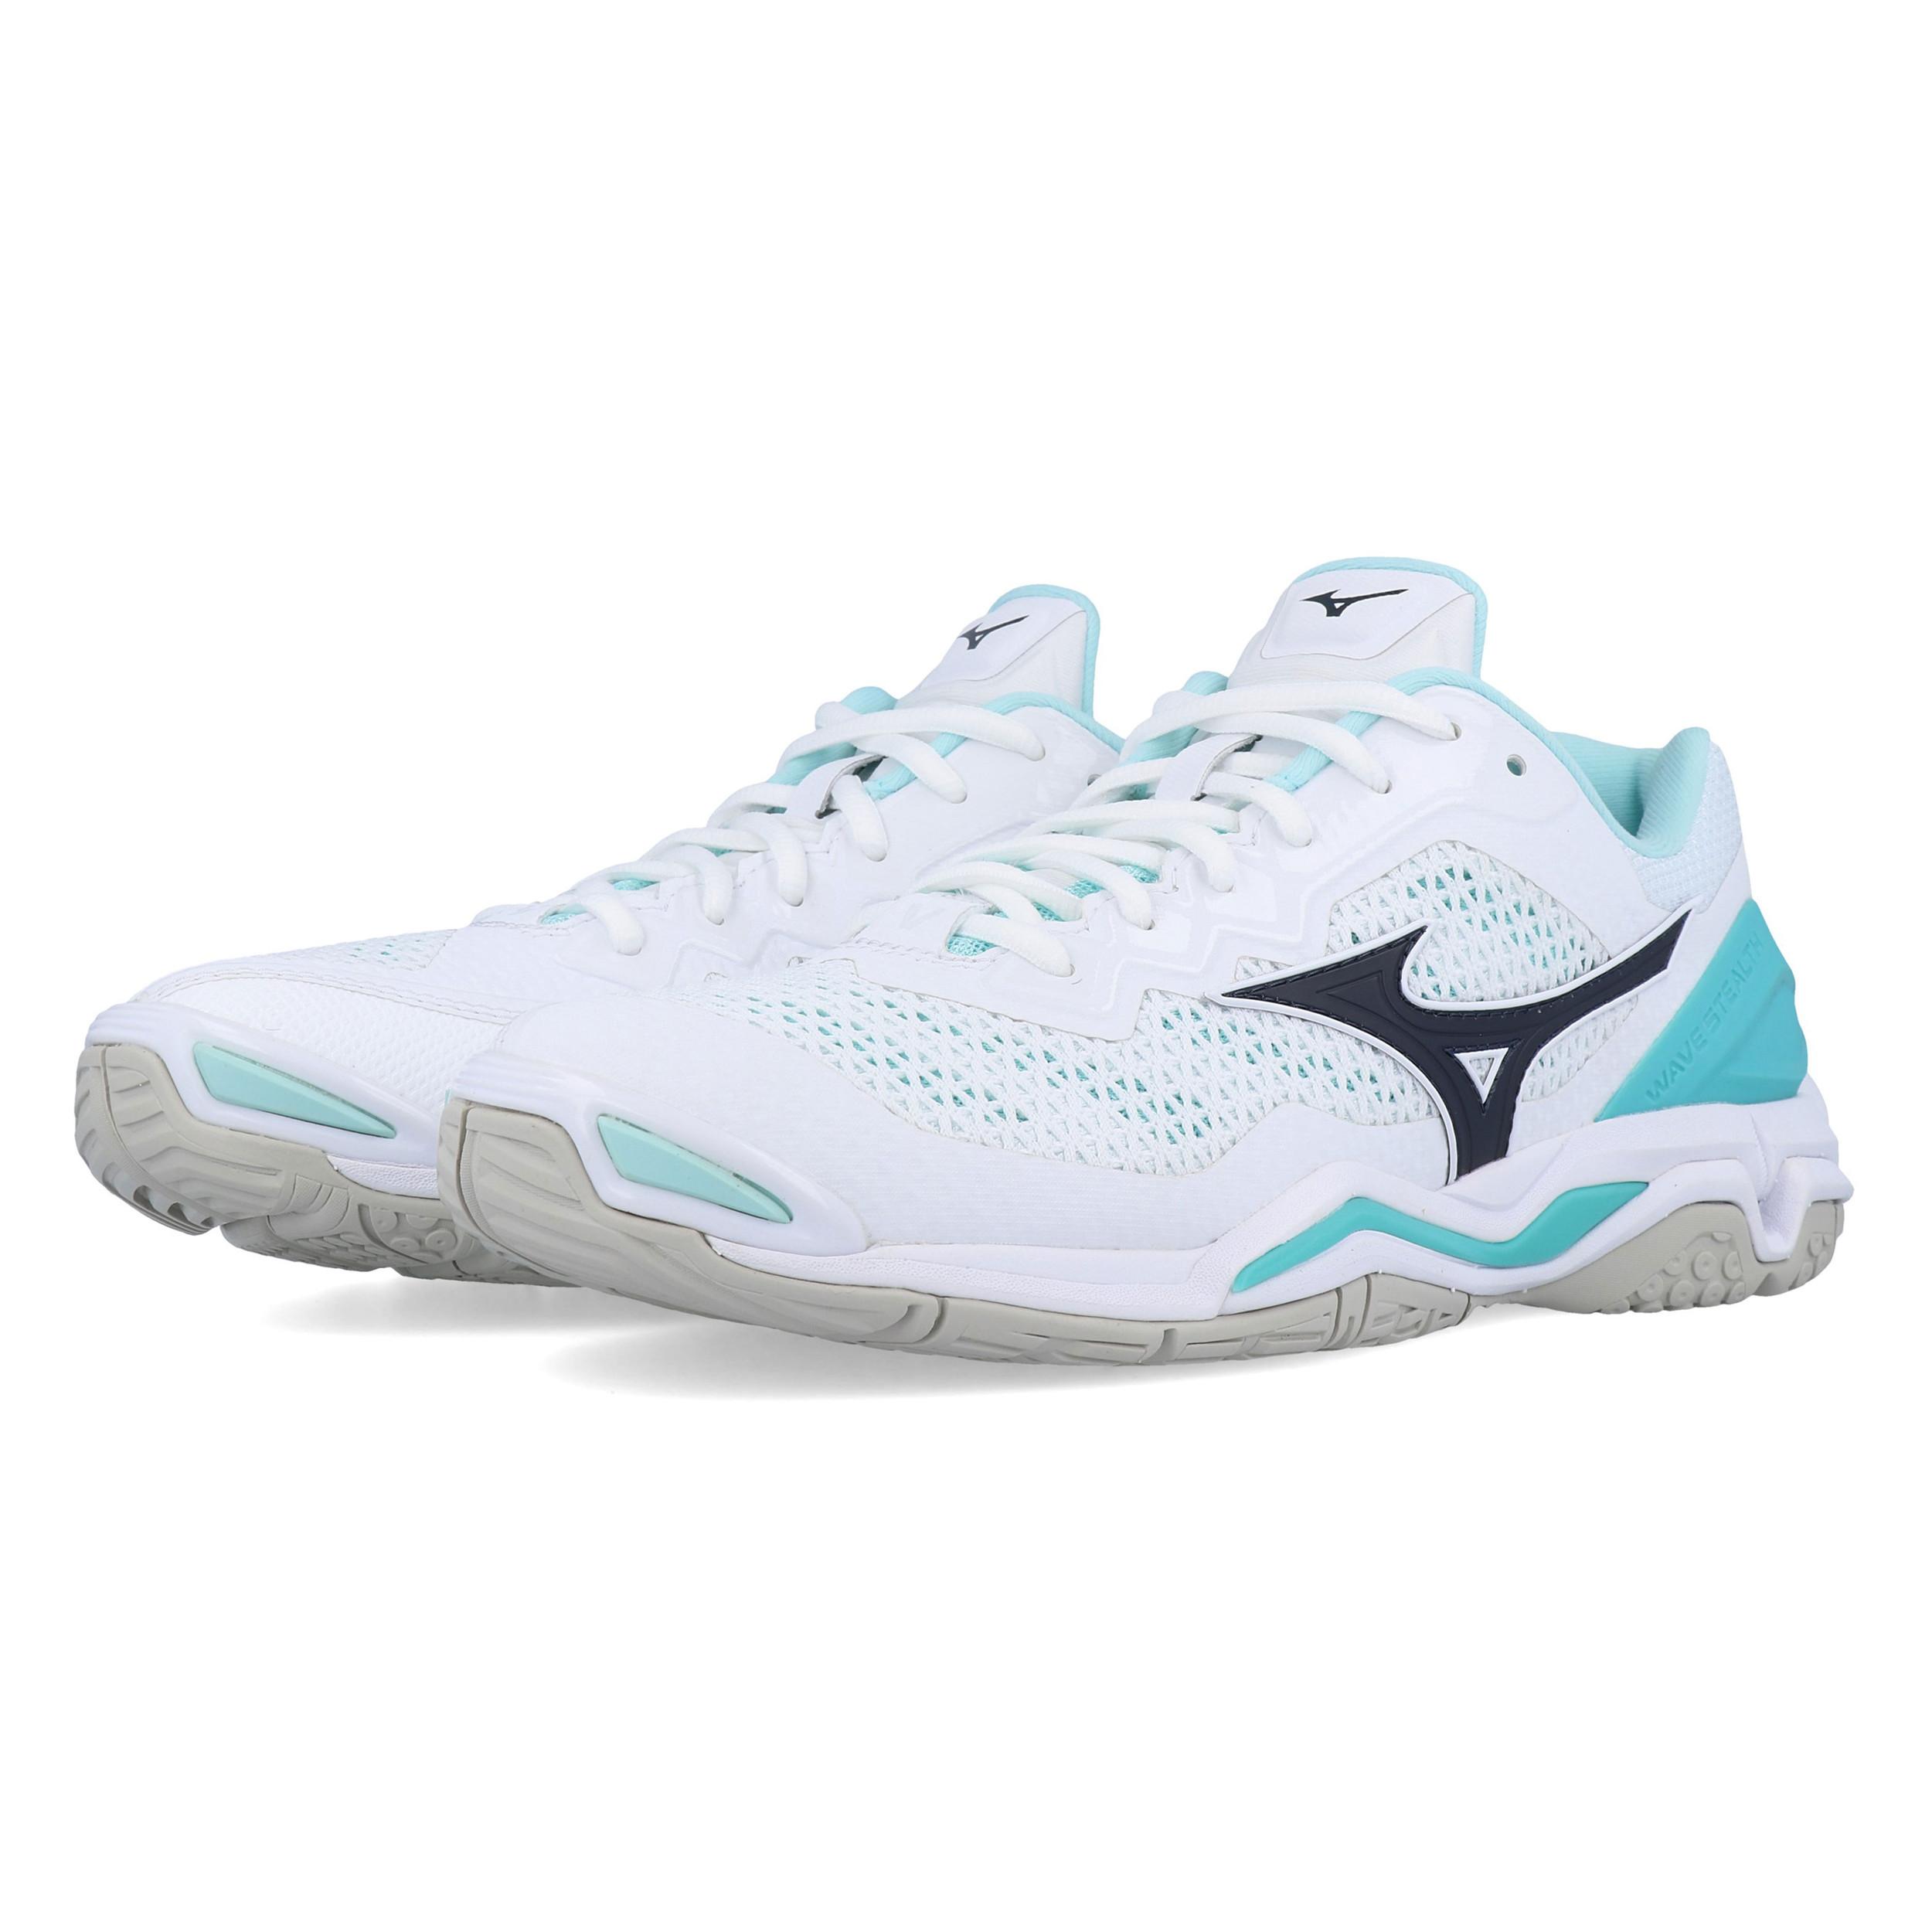 Mizuno Wave Stealth Women's Indoor Court Shoes